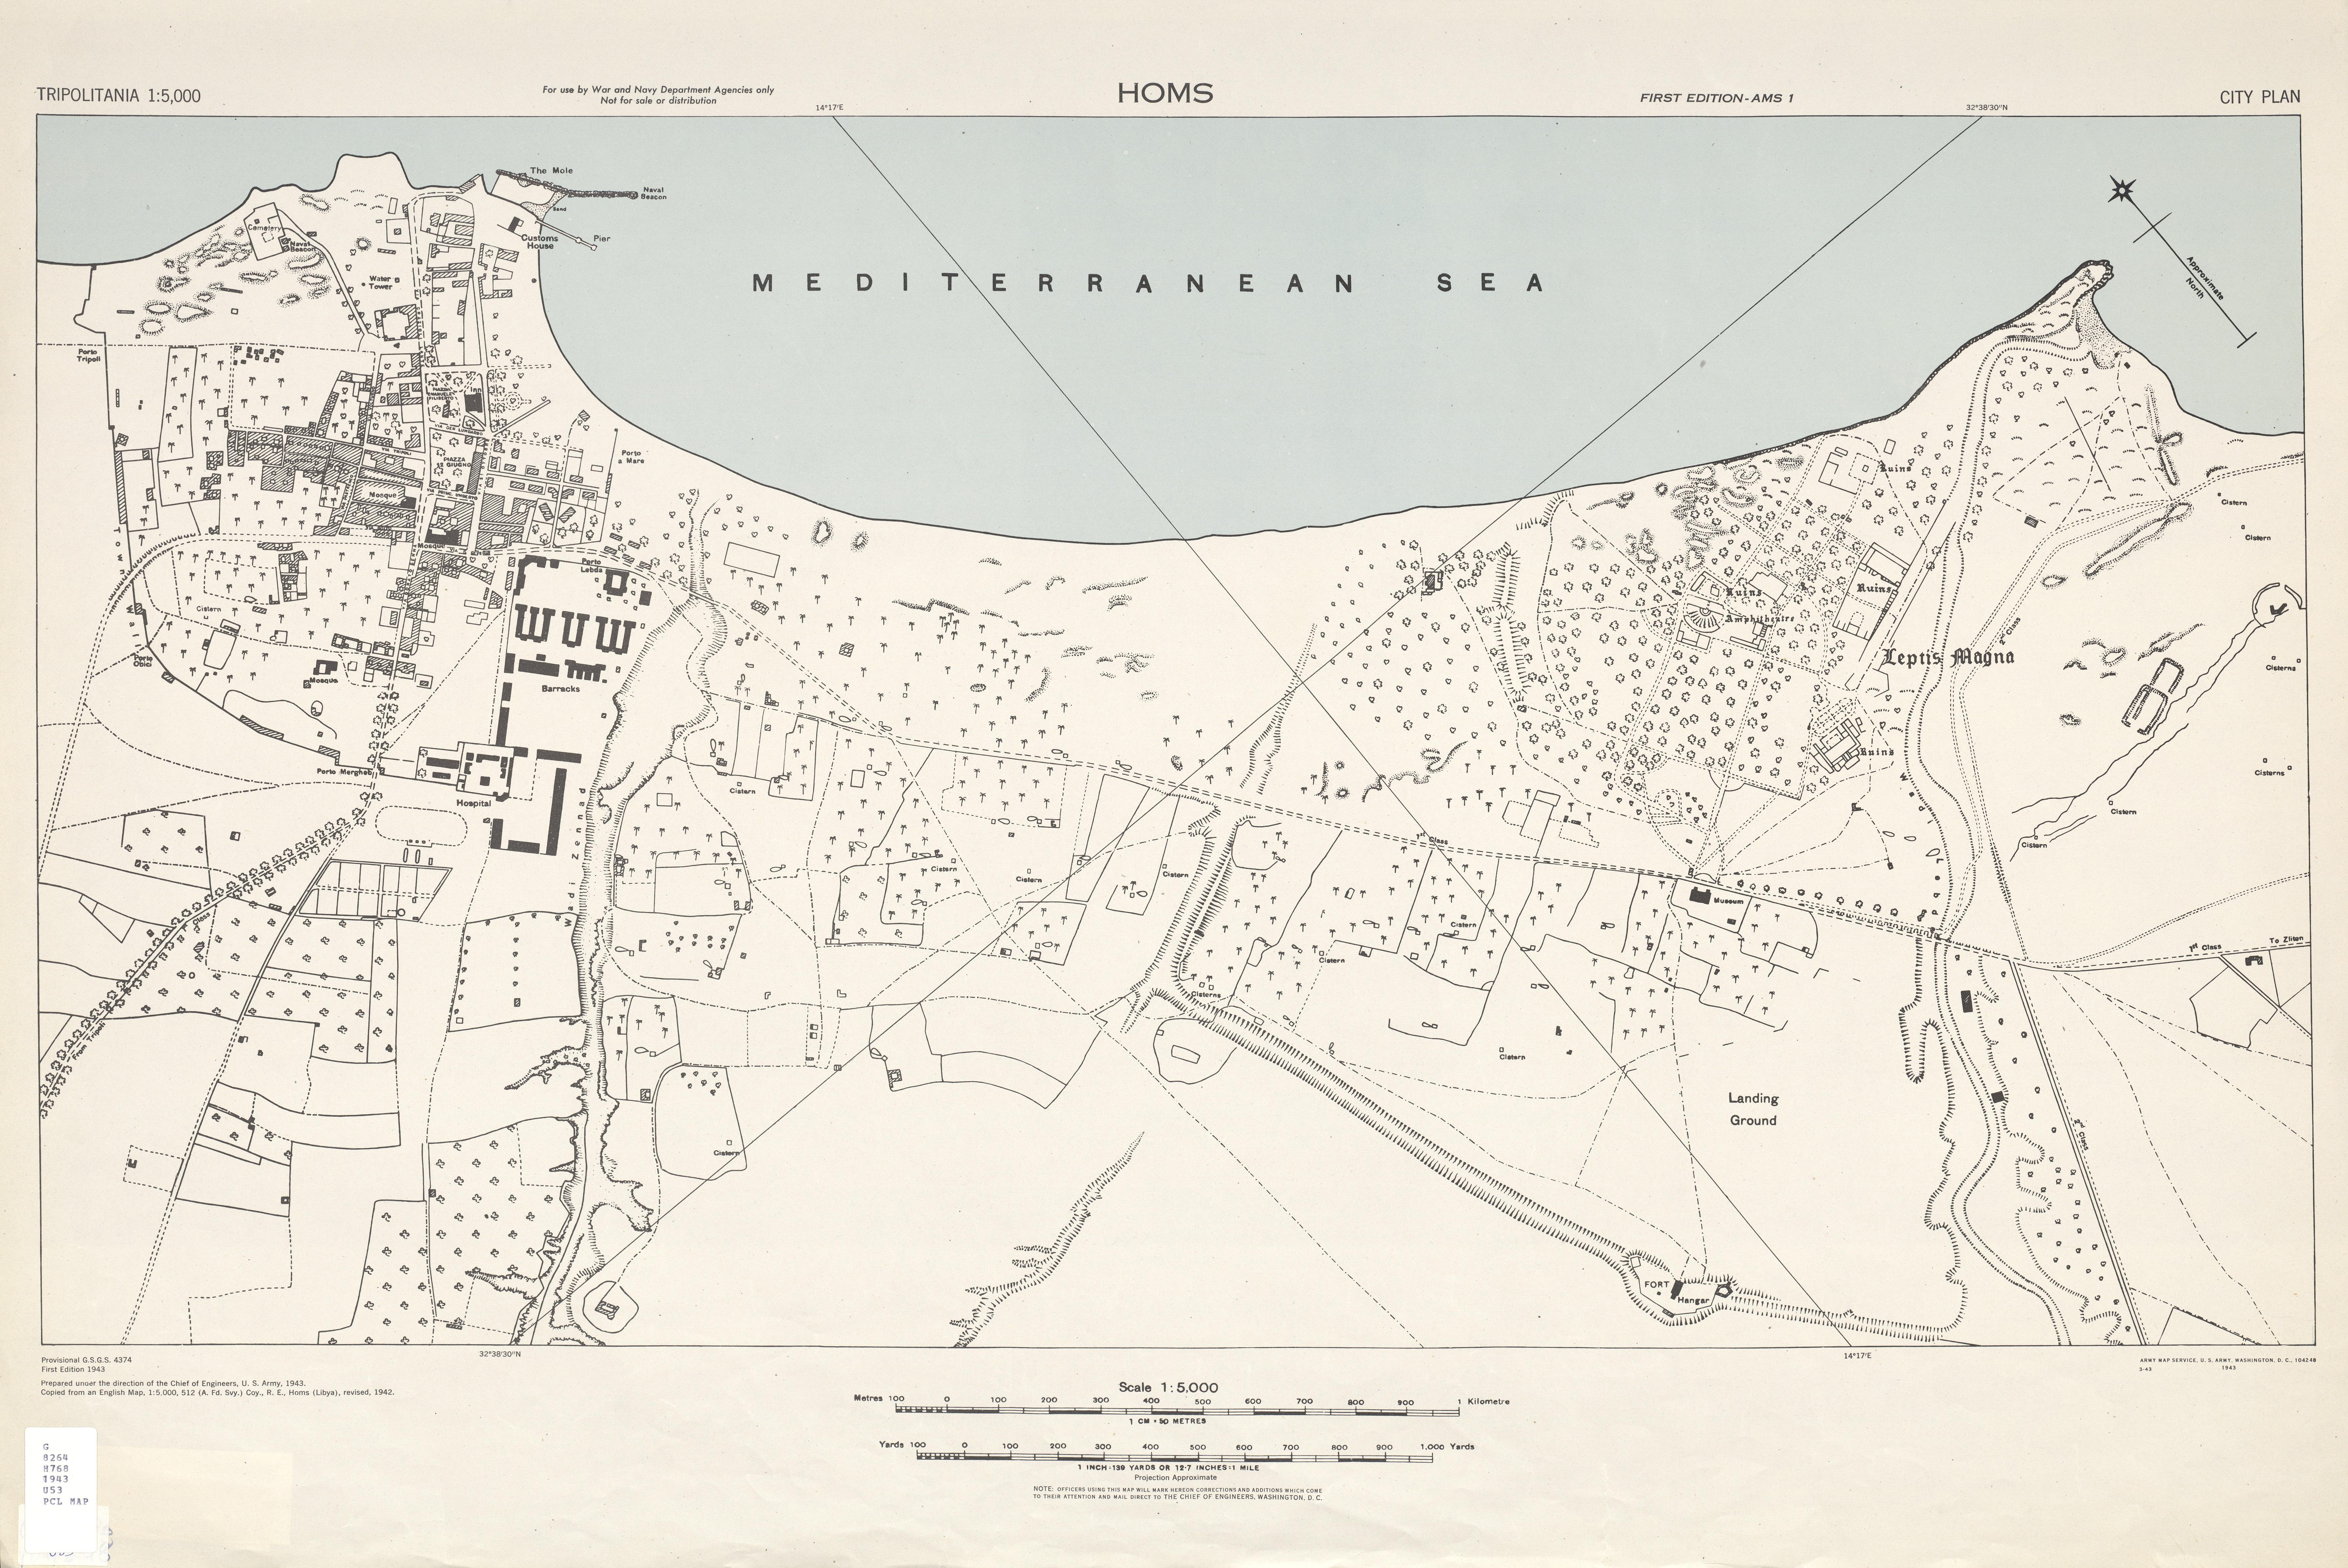 Mapa de la Ciudad de Homs, Libia 1943